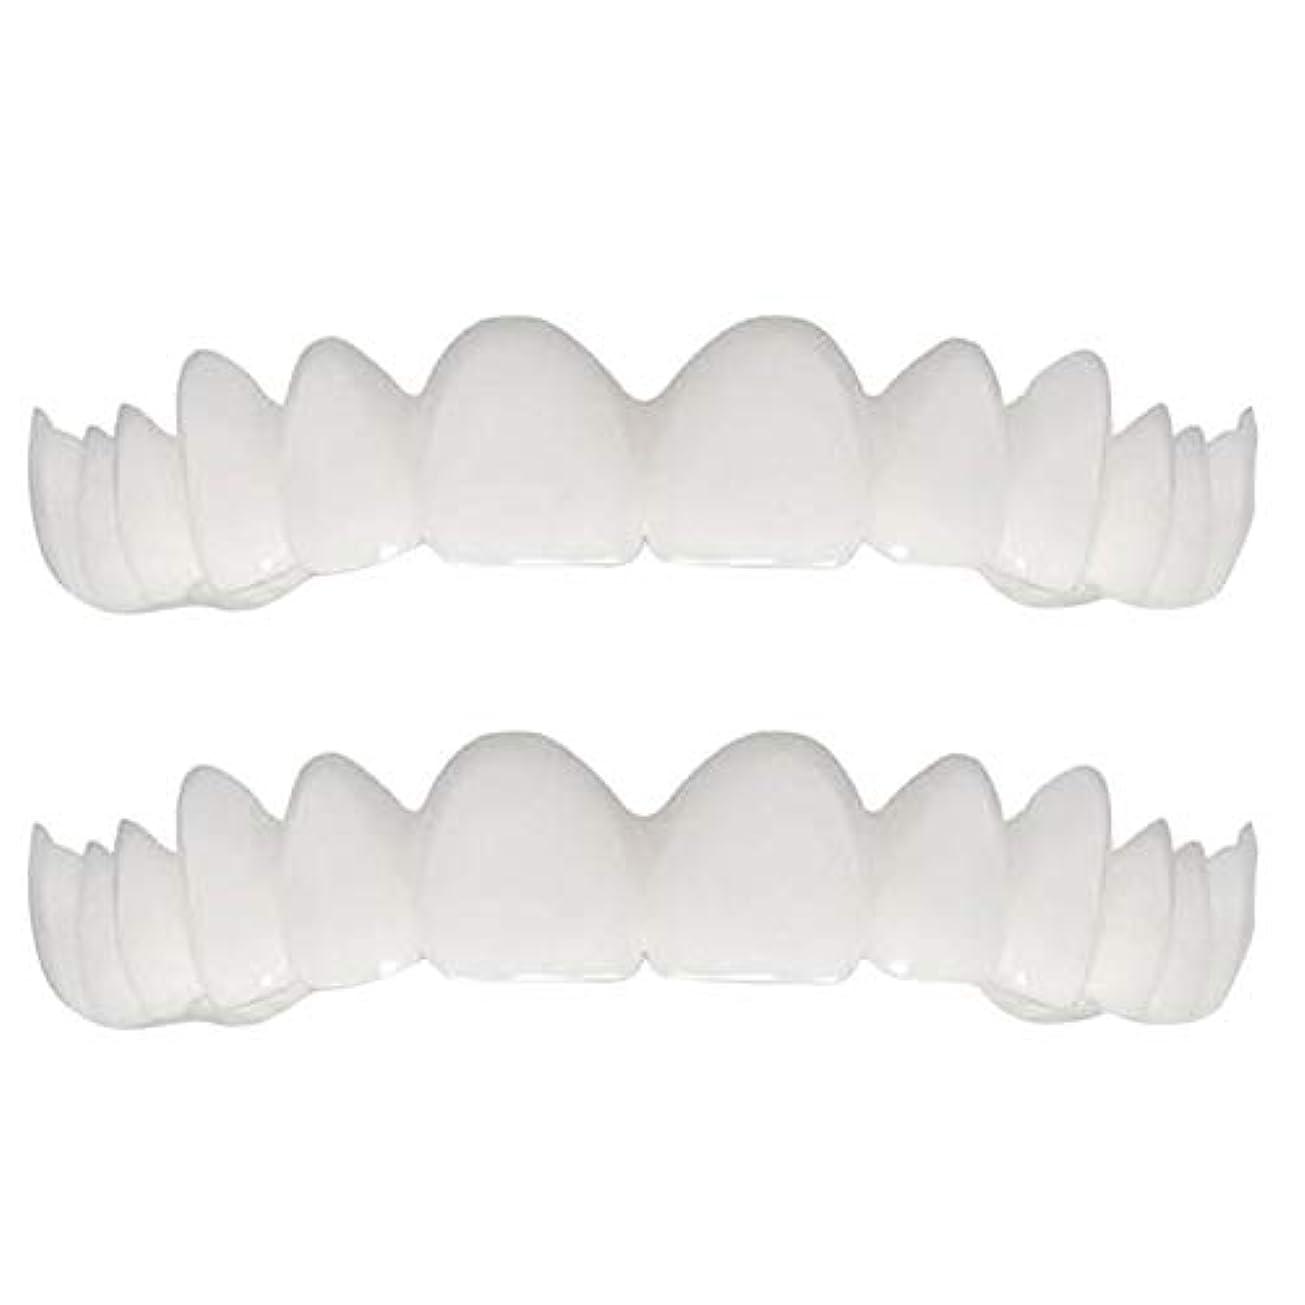 レザーチケットキャラクターシリコーンシミュレーション義歯、白い歯ブレースの上下の列(2セット),Boxed,UpperLower